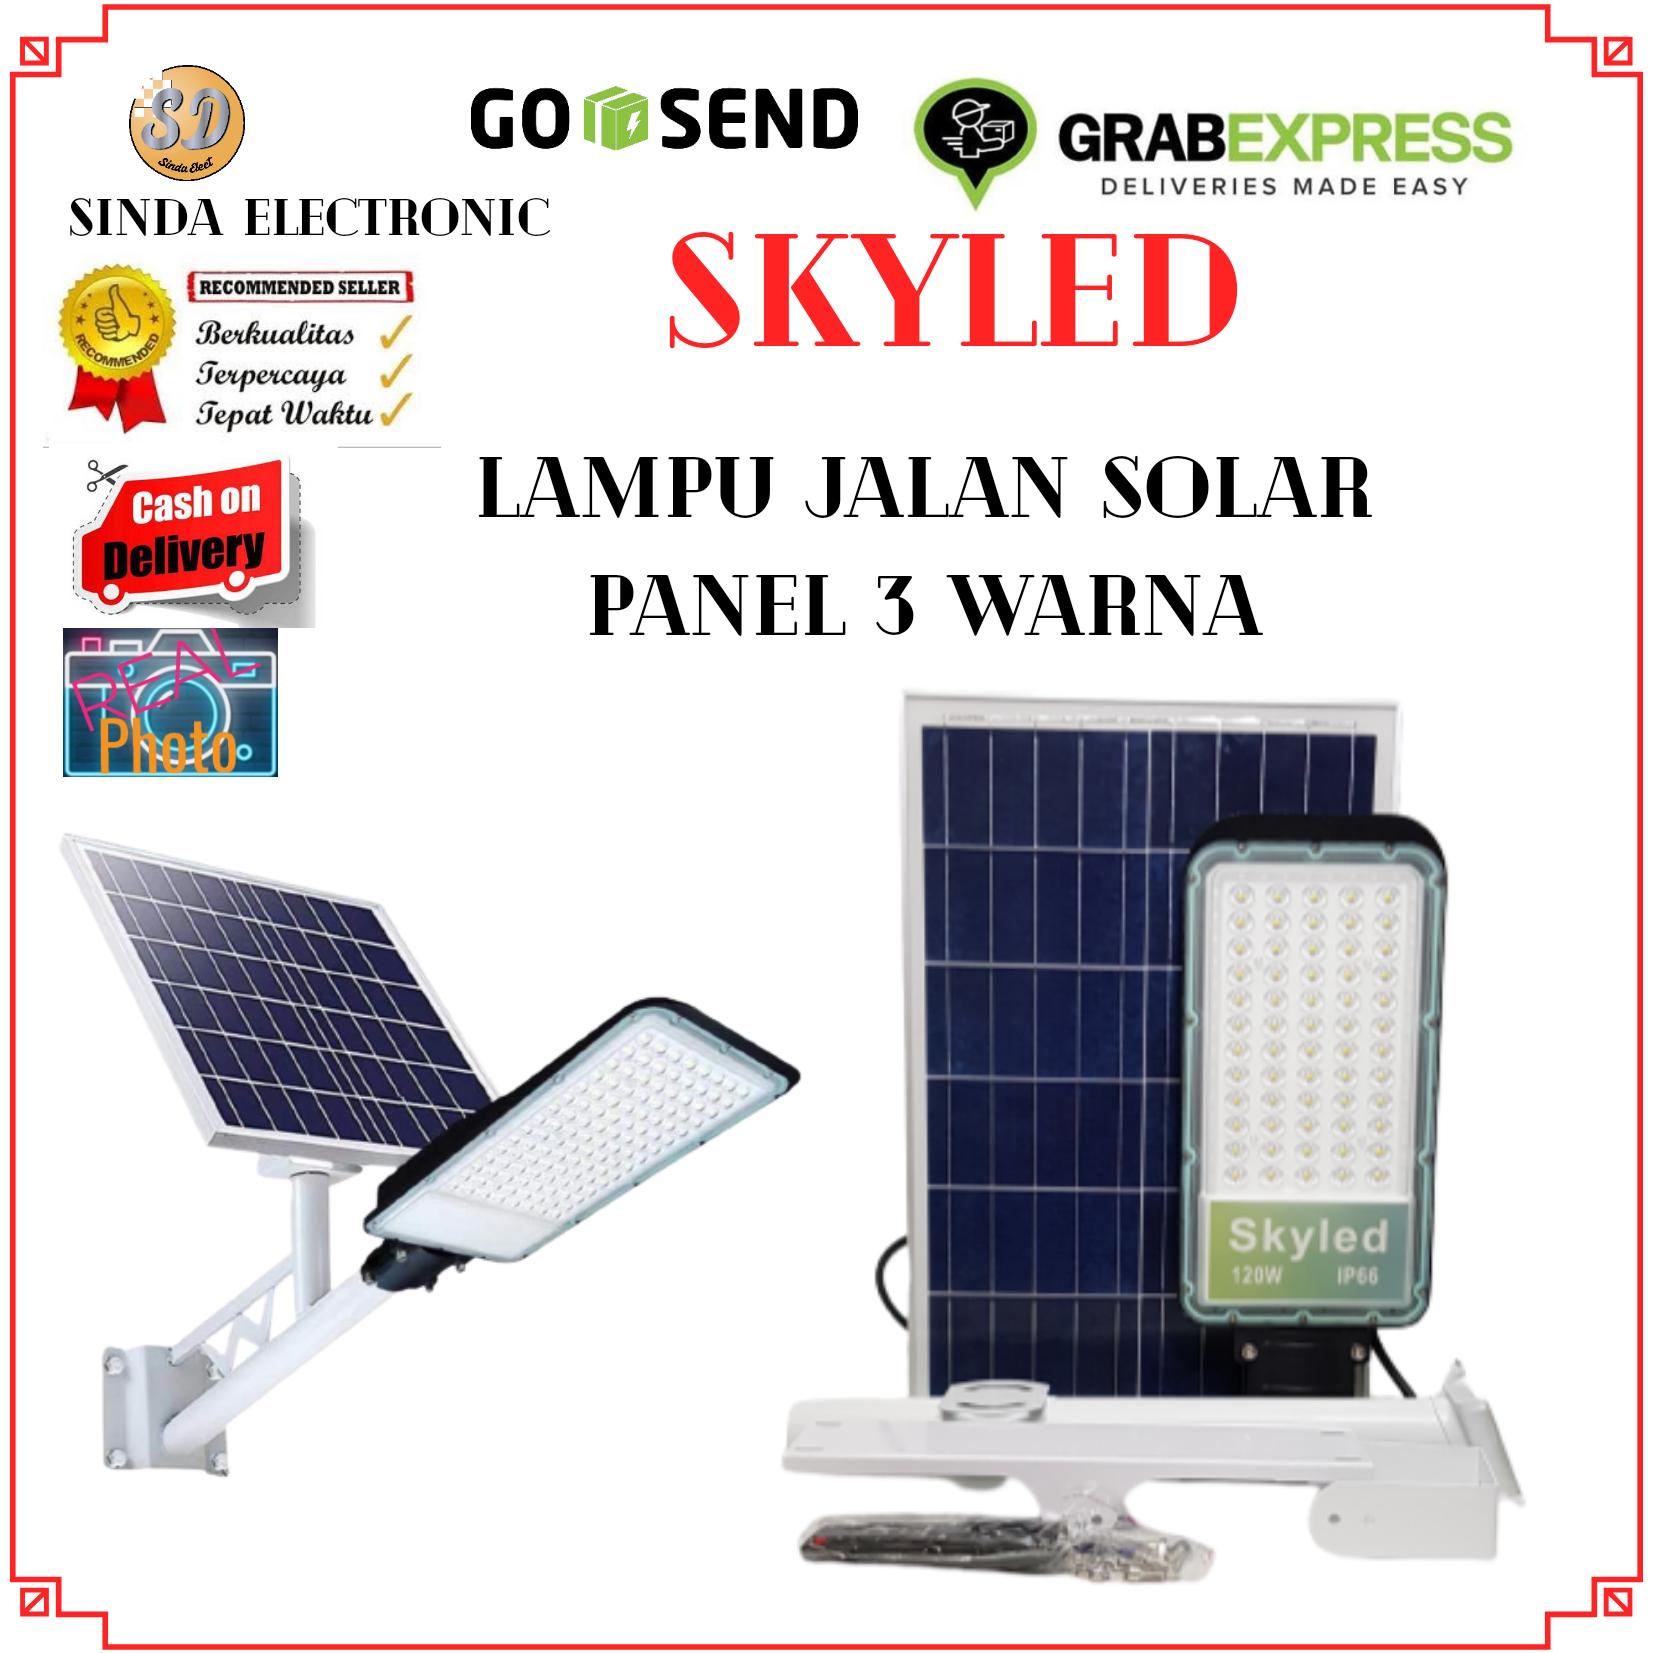 SKYLED Lampu Jalan Solar Panel 120Watt 3 warna Remote